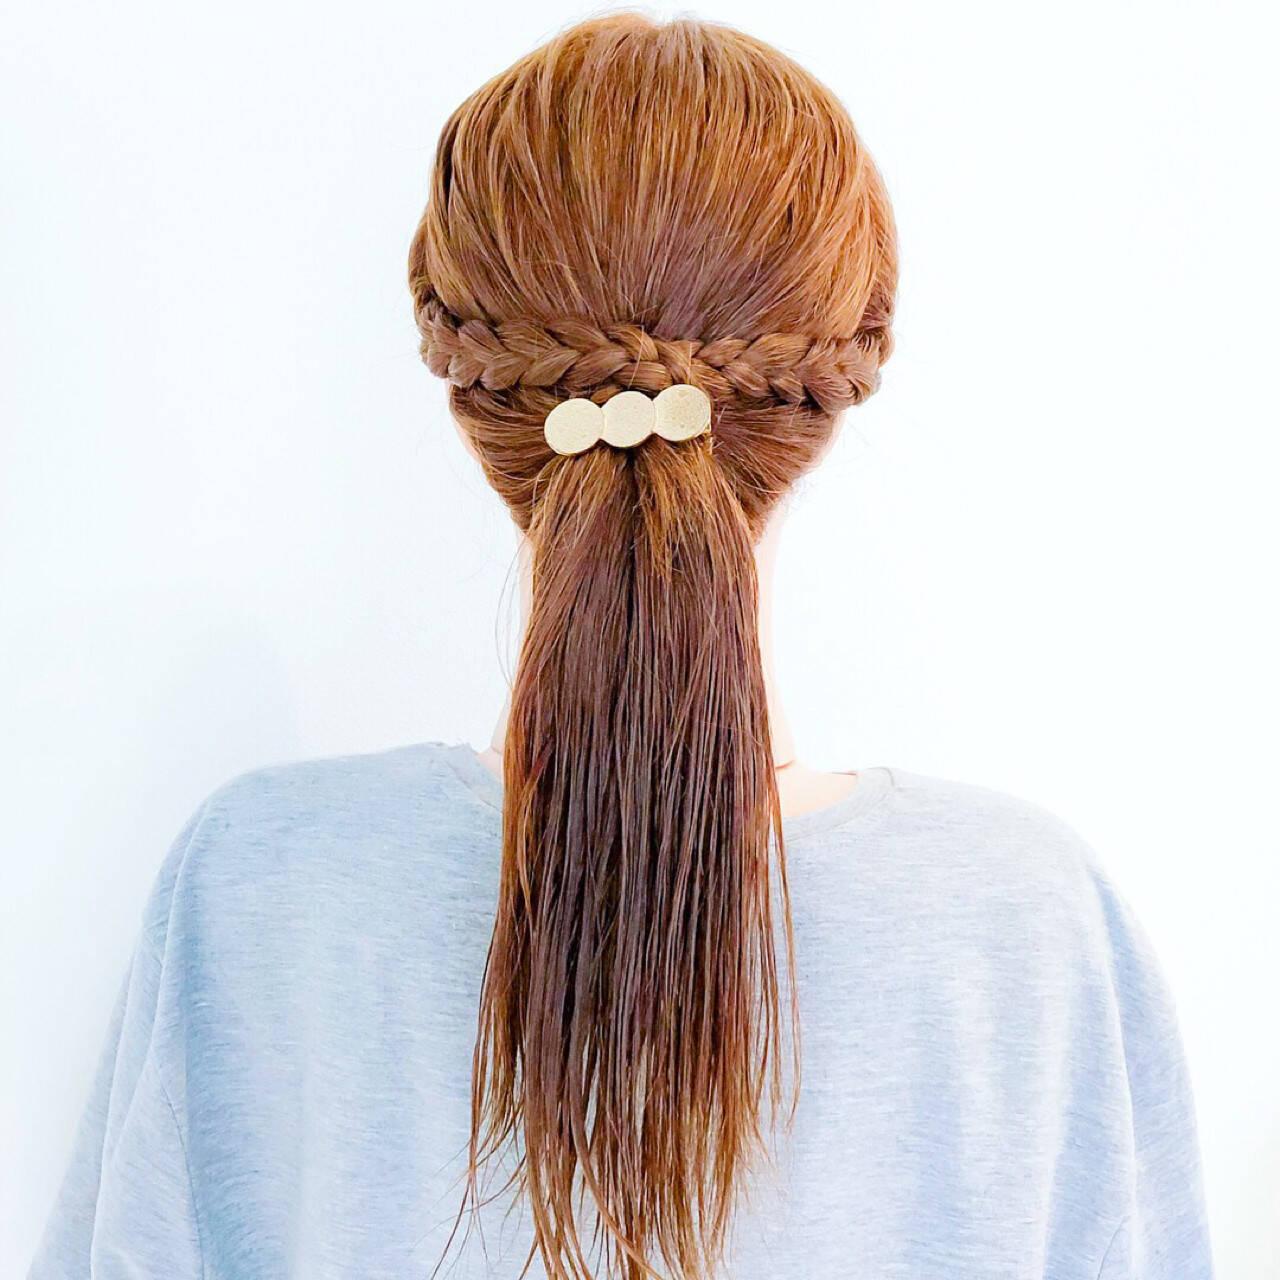 涼しげ 夏 ポニーテール オフィスヘアスタイルや髪型の写真・画像